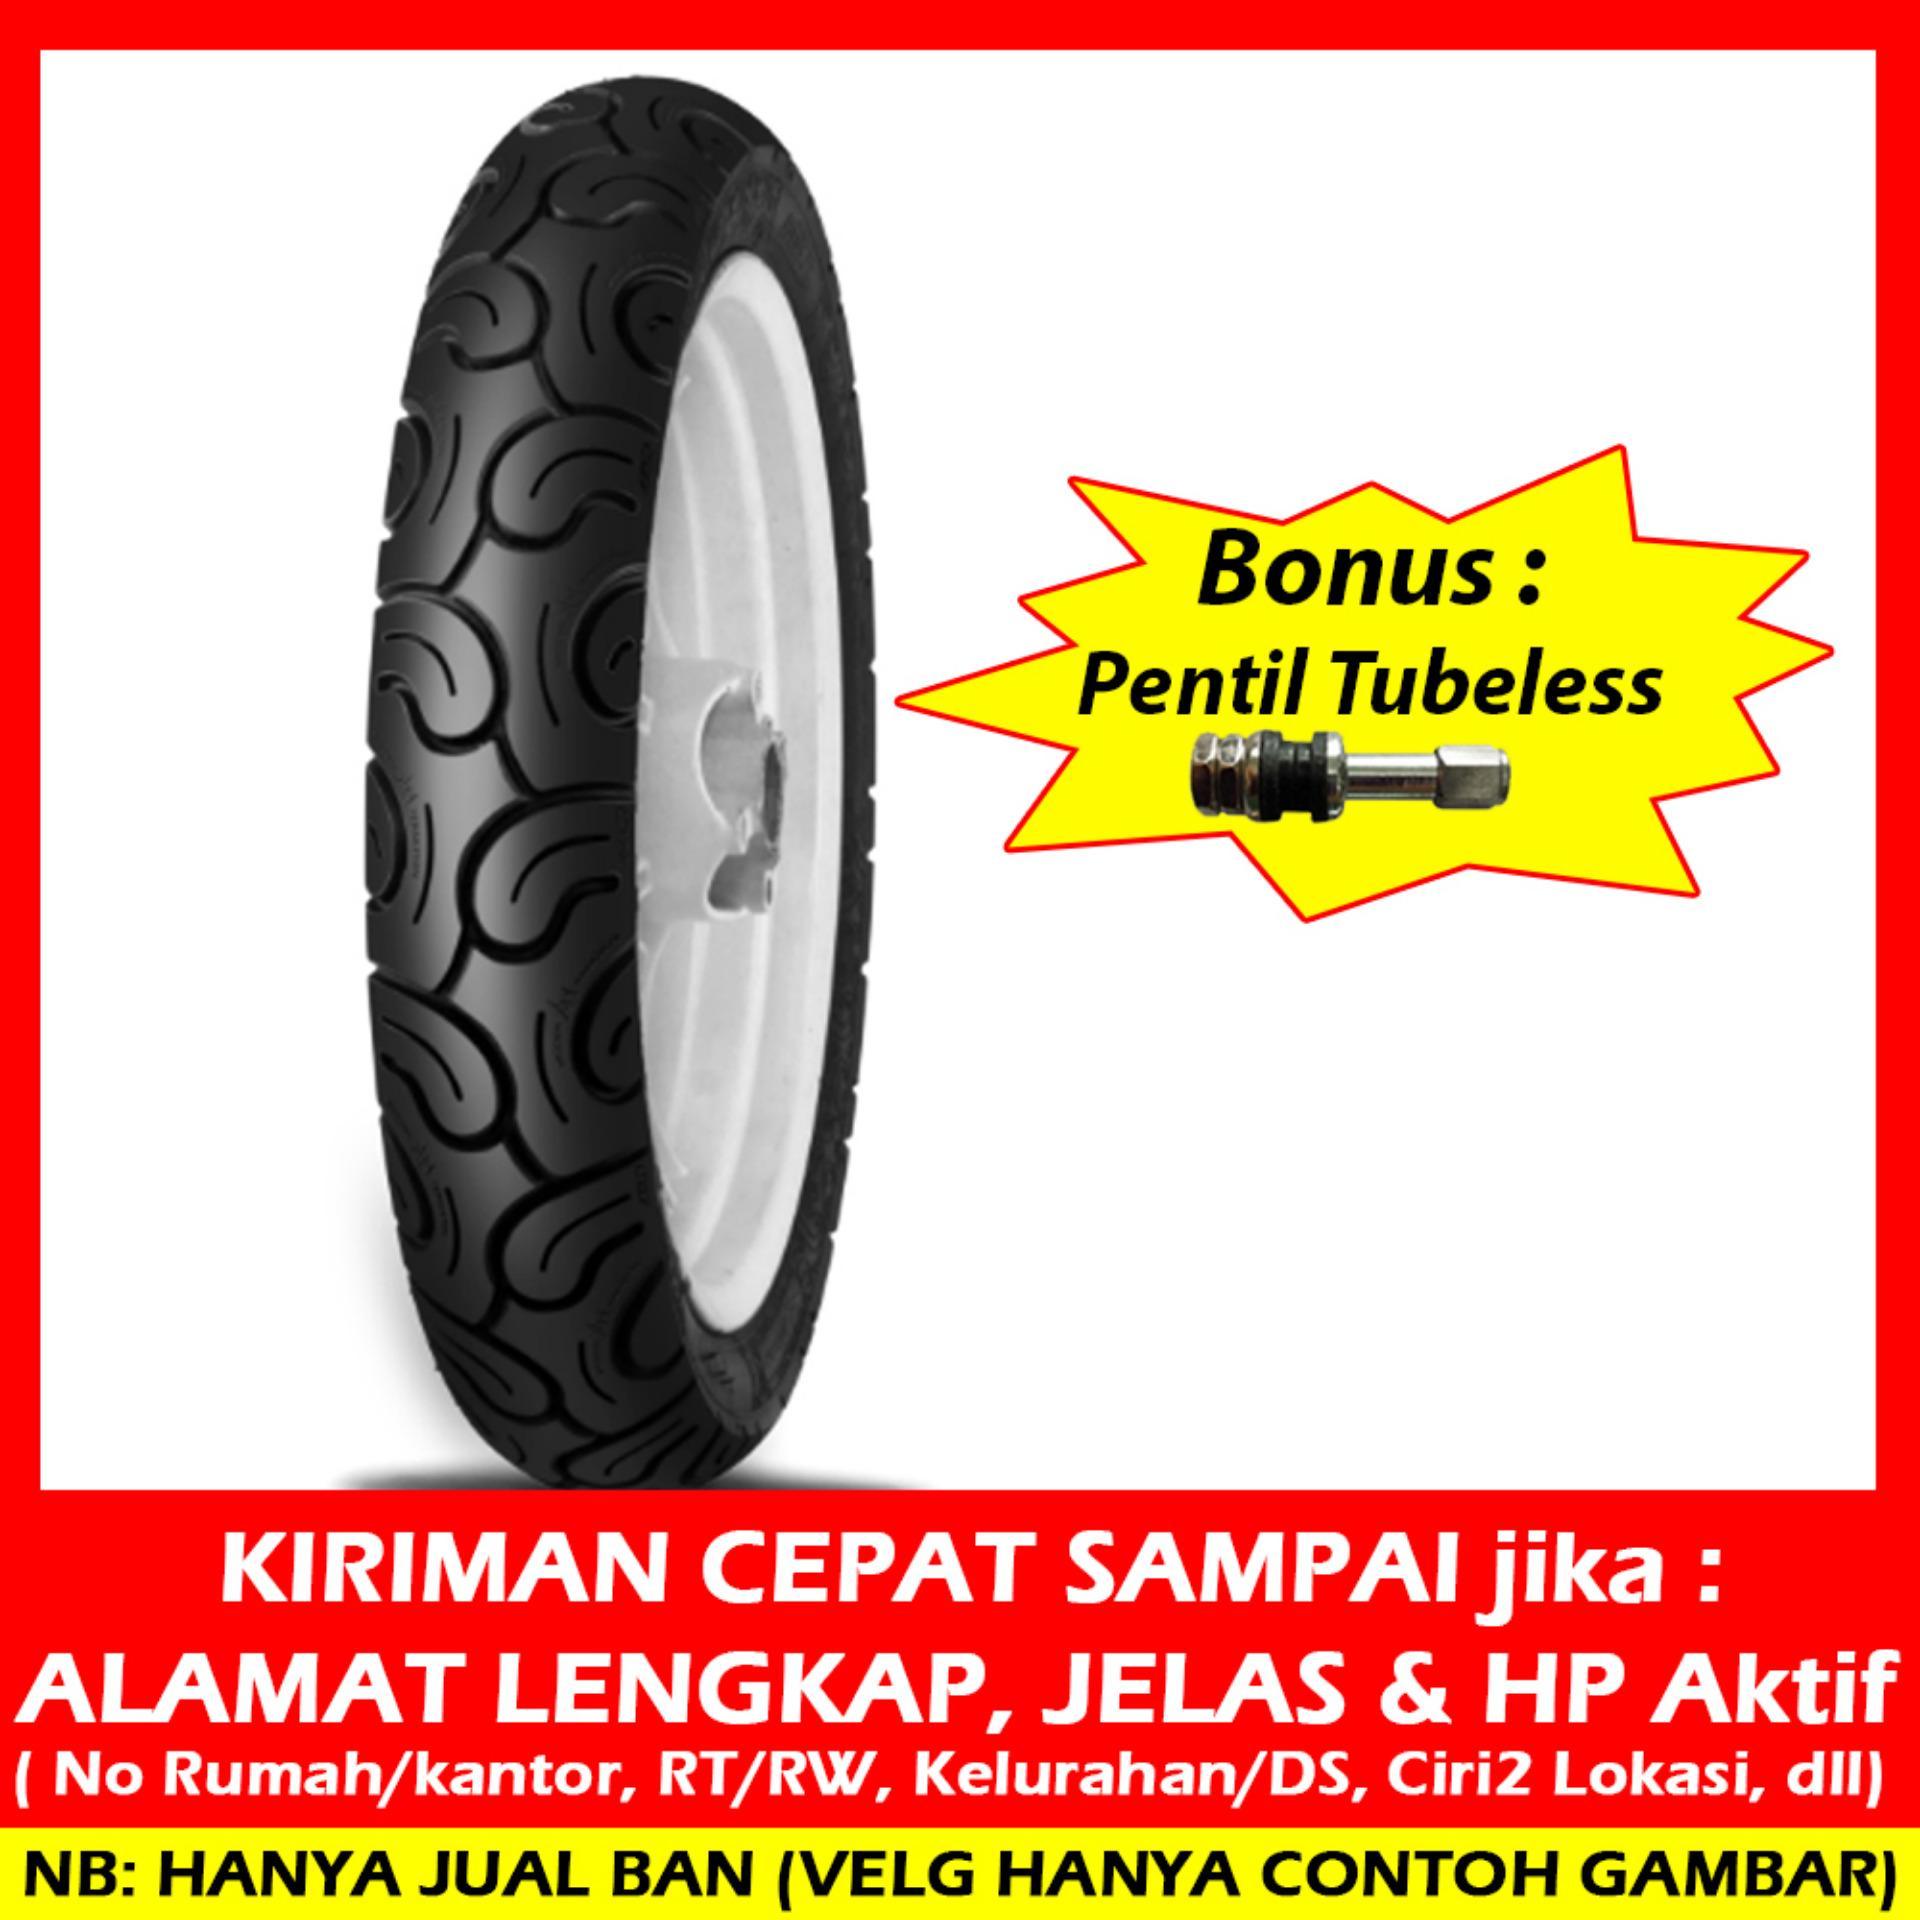 Toko Fdr Facio Ukuran 90 90 14 Tubeless Ban Motor Matic Bonus Pentil Tubeless Termurah Indonesia